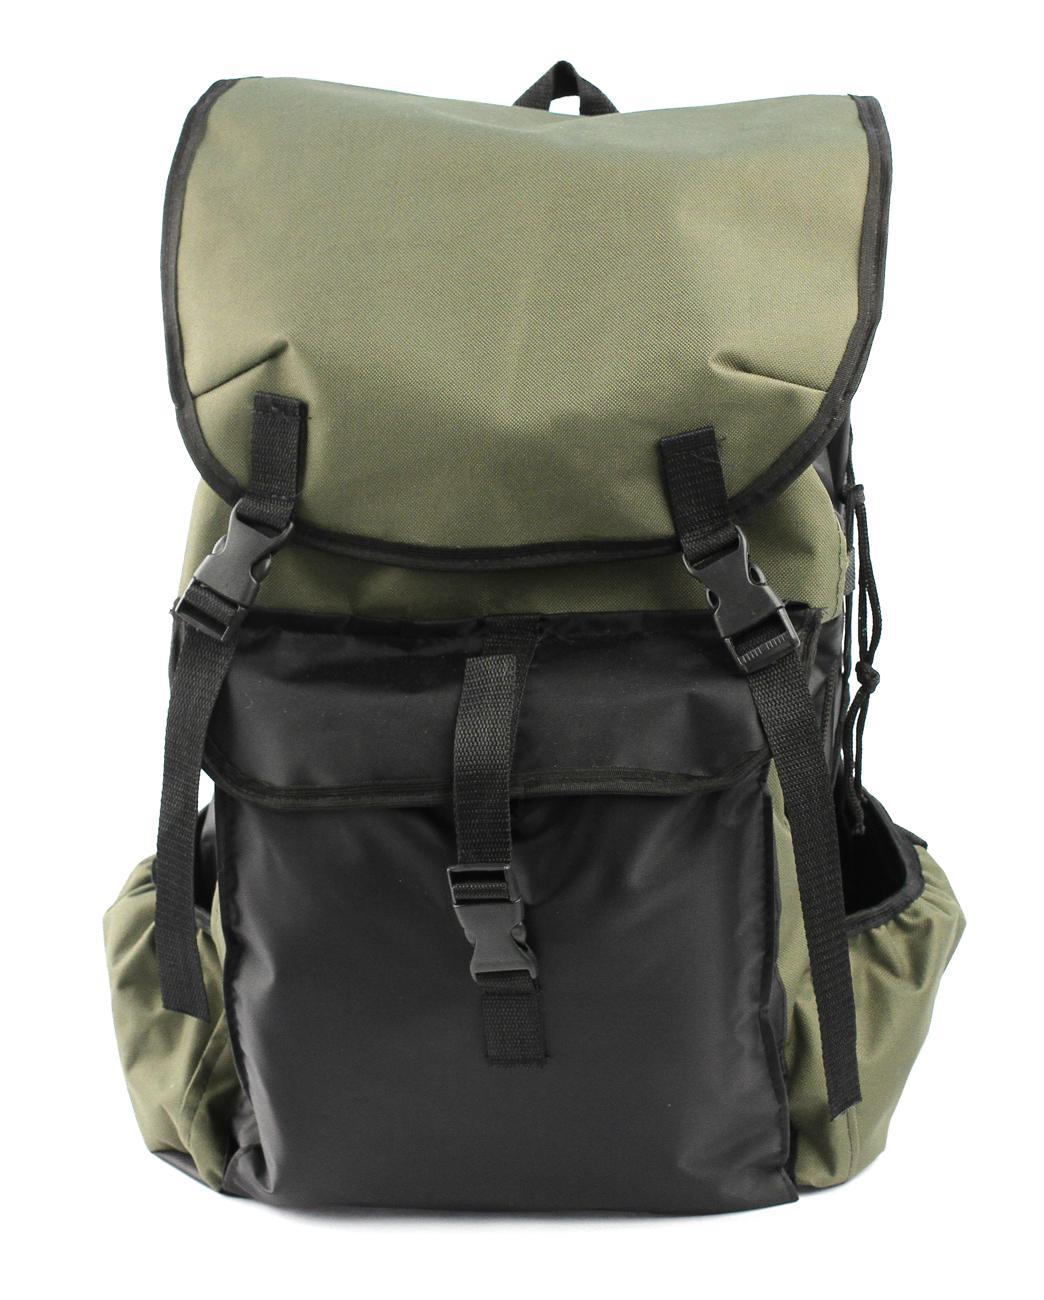 Рюкзак Рыбалка 50 литровРюкзаки<br>Недорогой практичный рюкзак РЫБАЛКА выполнен <br>из ткани оксфорд 600D с водоотталкивающей <br>пропиткой, которая защищает от осадков <br>и облегчает чистку изделия. Упрощенная <br>конструкция имеет один основной отсек, <br>горловина которого утягивается шнуром <br>и фиксируется при помощи кулиски. Для максимальной <br>защиты рюкзак закрывается откидным клапаном <br>с фиксацией на два ремешка с фастексами. <br>Извне имеются три накладных карман. По бокам <br>предусмотрена шнуровка для утяжки. Анатомическая <br>прокладка на спинке. Плечевые лямки регулируются <br>по росту. Подходит для охоты, рыбалки и активного <br>отдыха.<br><br>Пол: унисекс<br>Цвет: оливковый